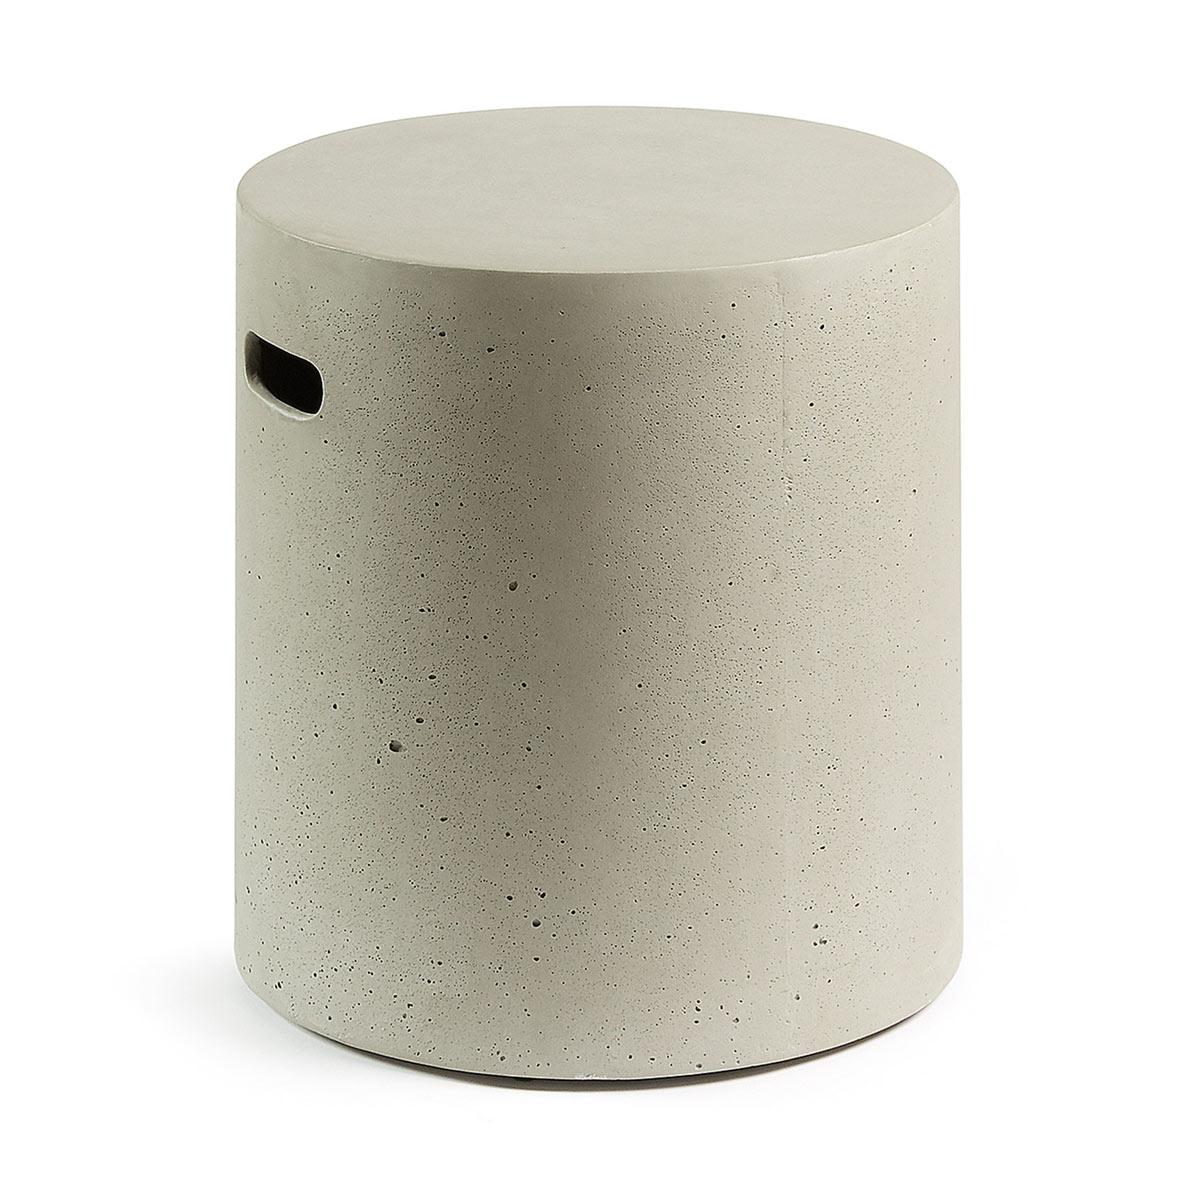 Tabouret rond en ciment - Gris - H 45 x Ø 40 cm